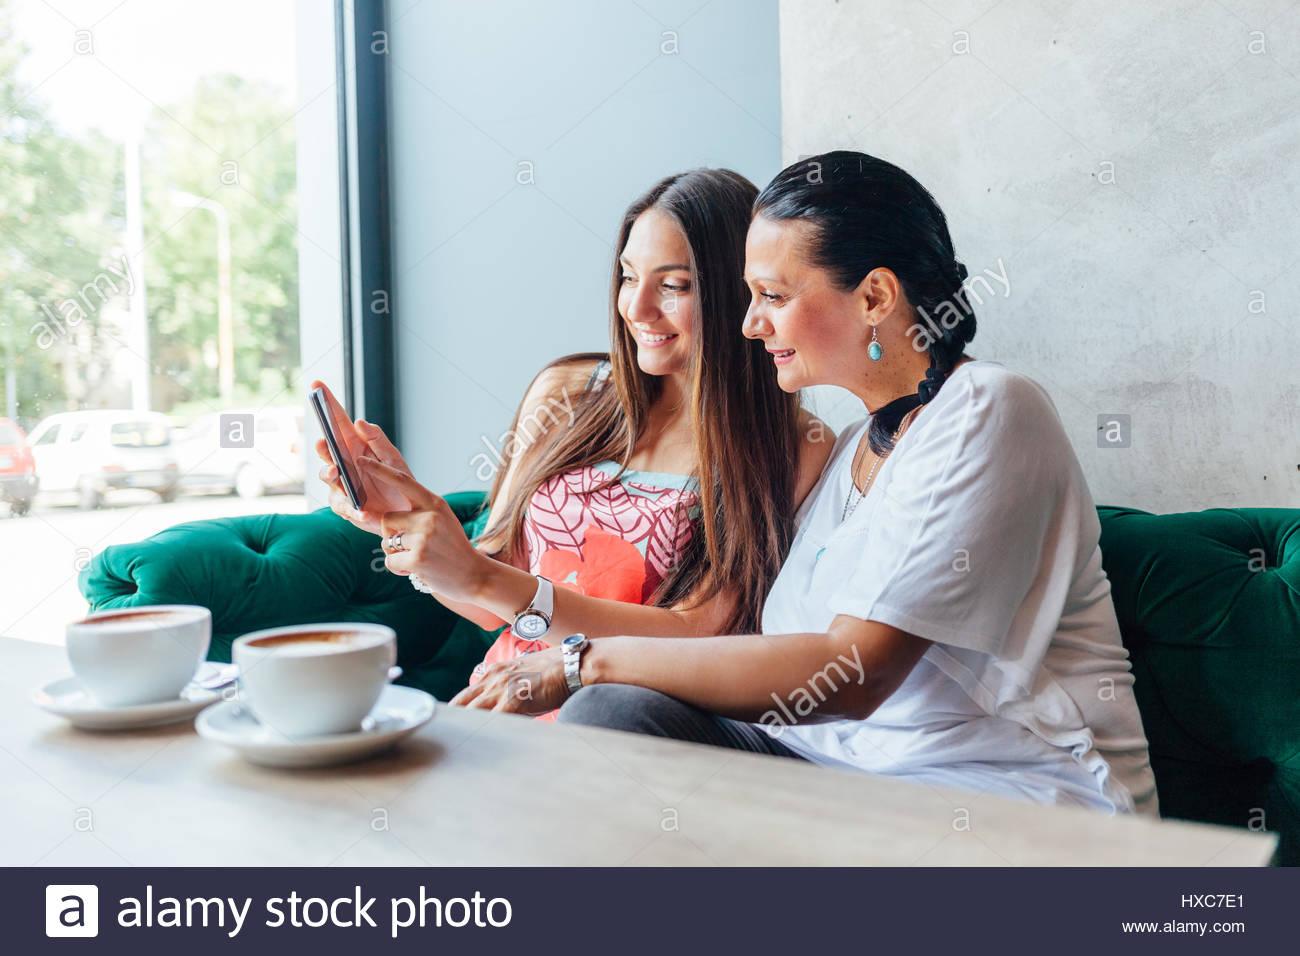 La madre y la hija de la mujer utilizando un teléfono móvil en un café Imagen De Stock